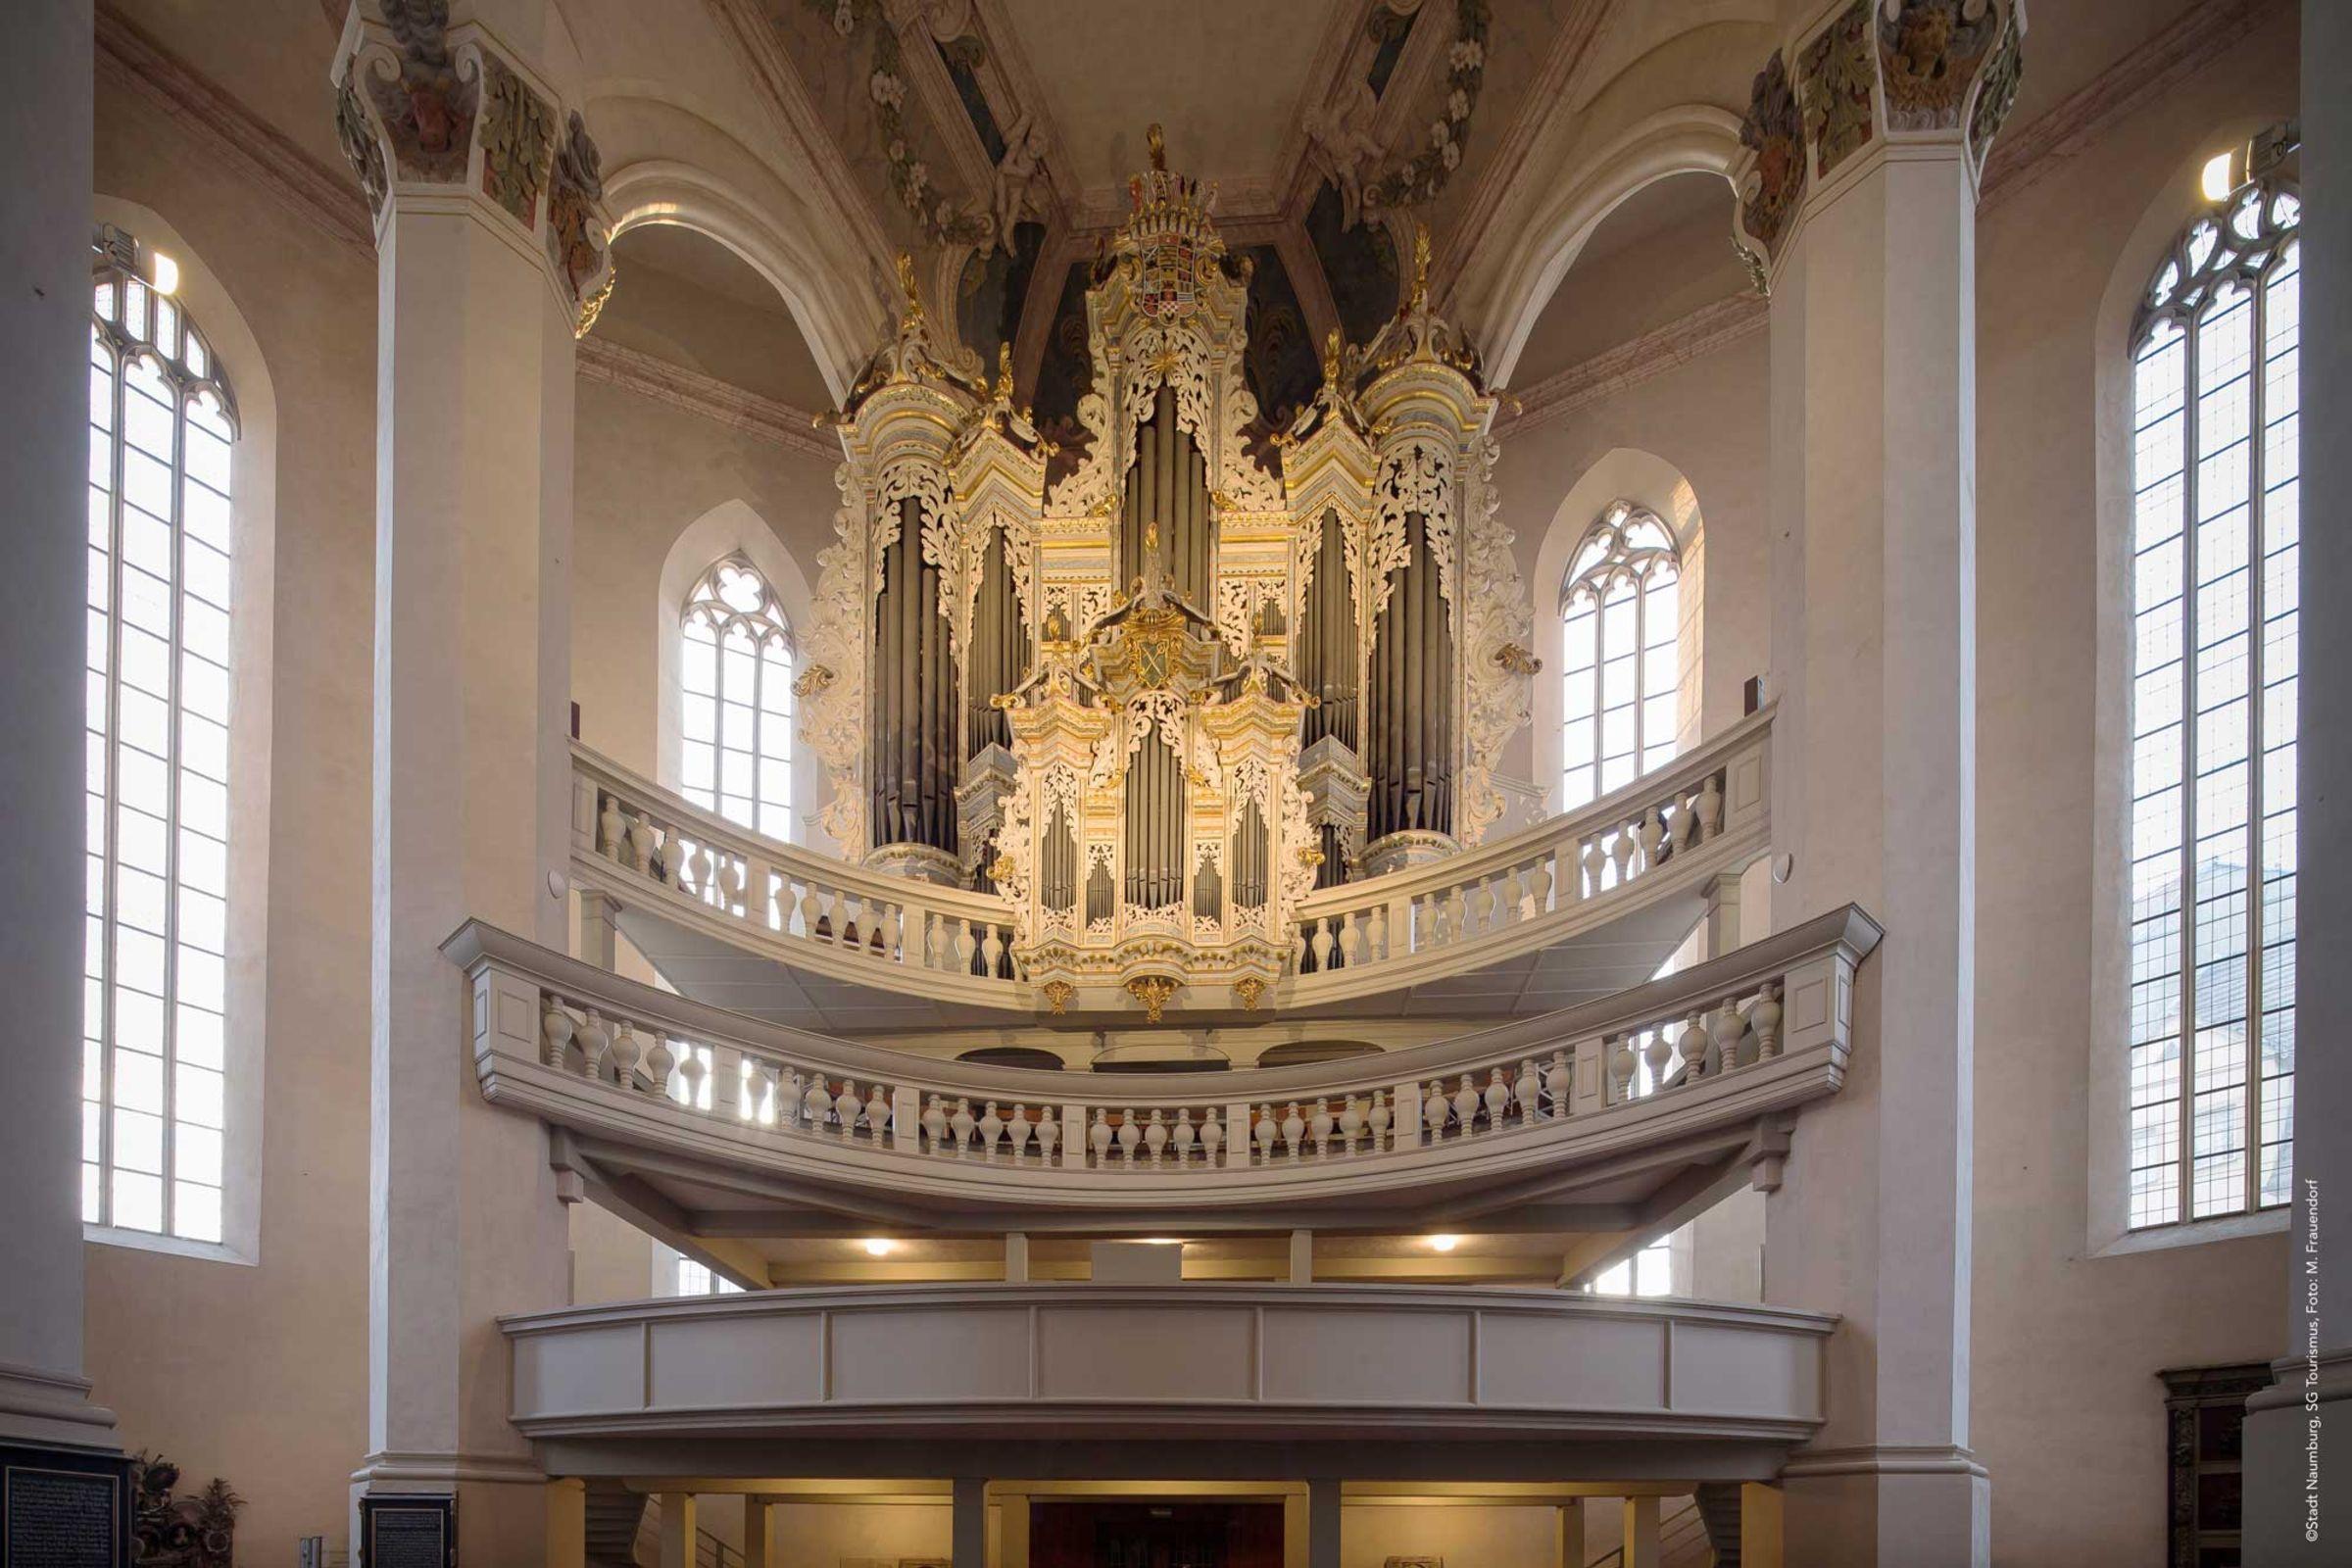 1746 Hildebrandt, St. Wenzel, Naumburg